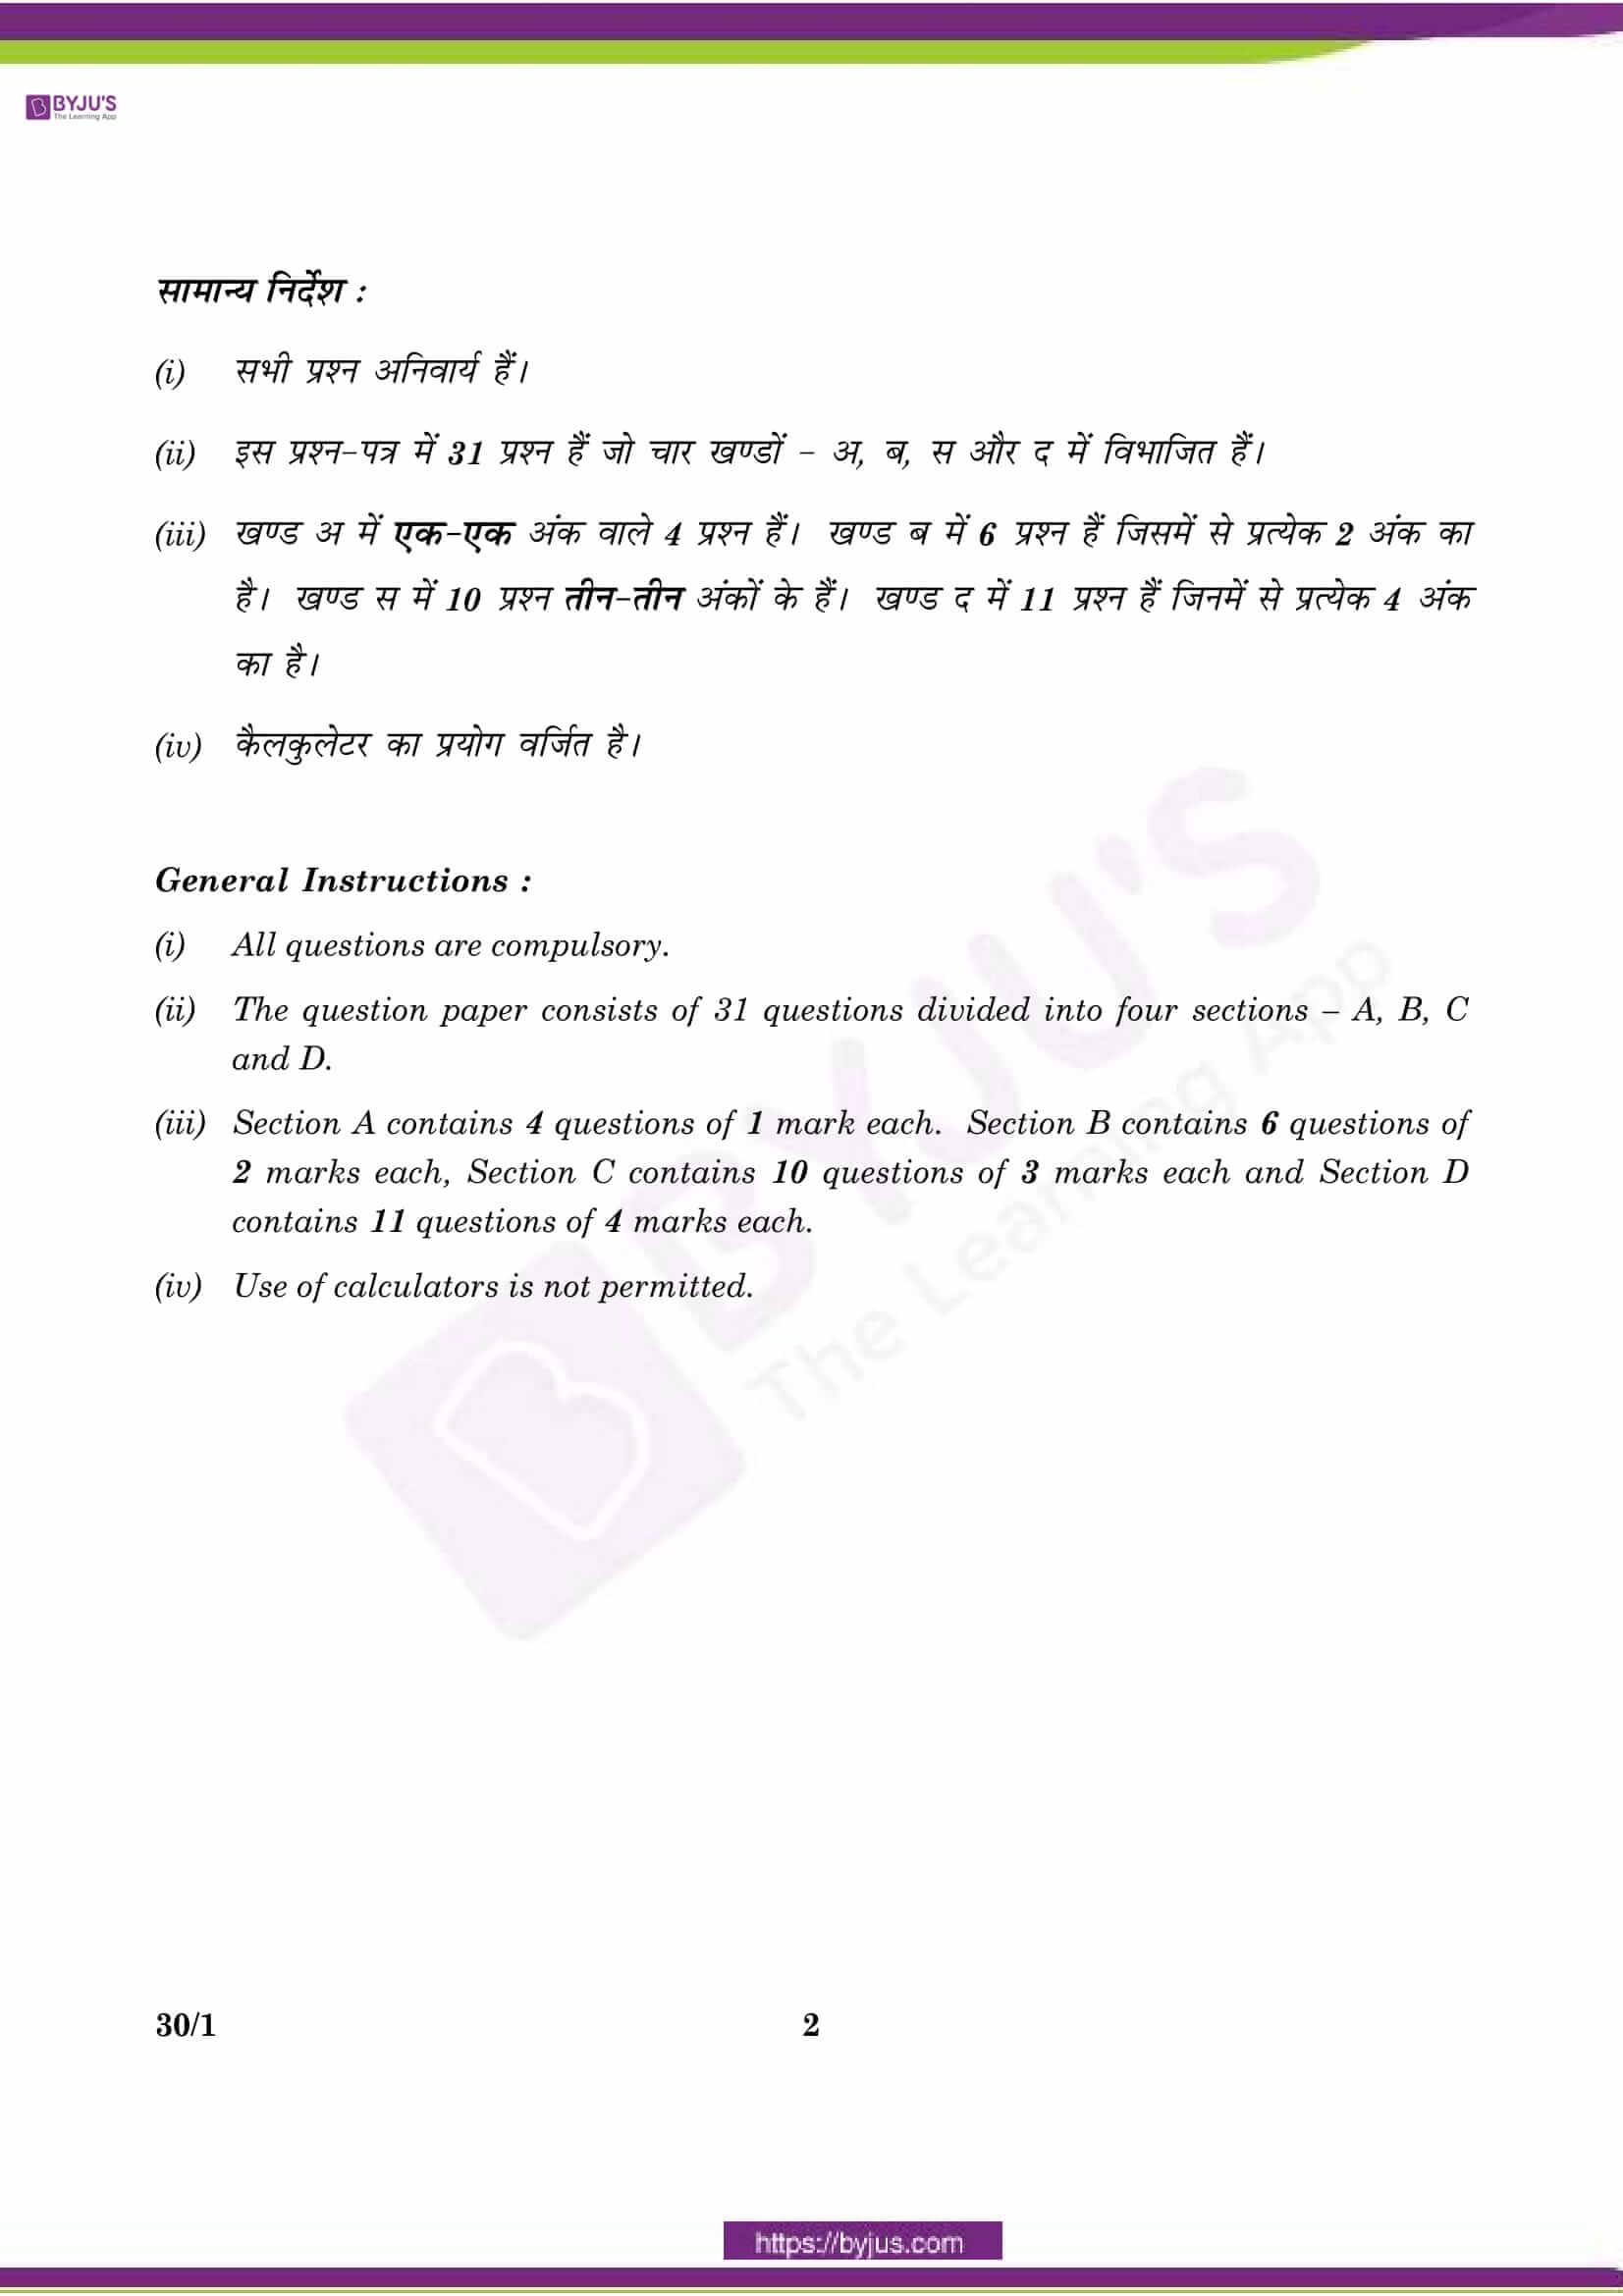 CBSE Class 10 Maths Qs Paper 2016 SA 2 Set 1 02